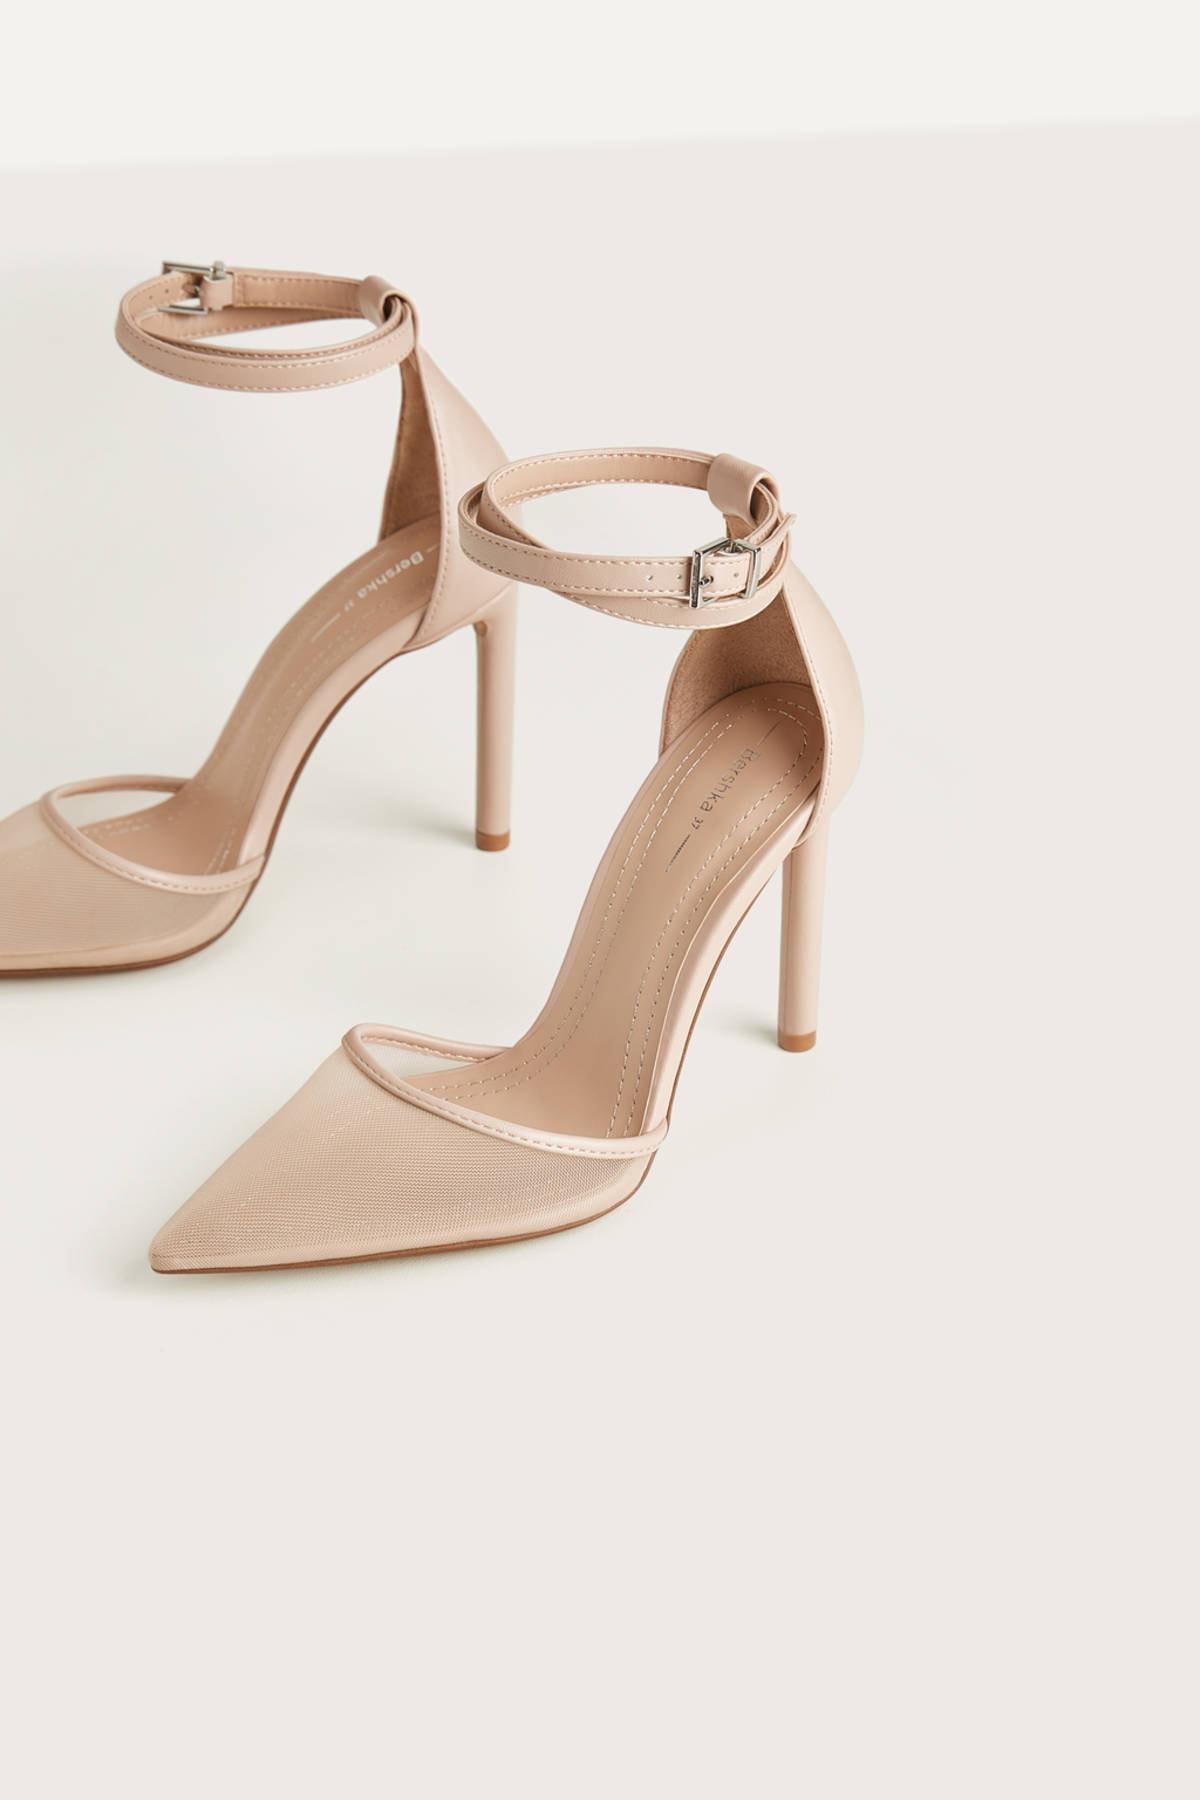 uzun topuklu ayakkabı, topuklu ayakkabı, kadın ayakkabısı